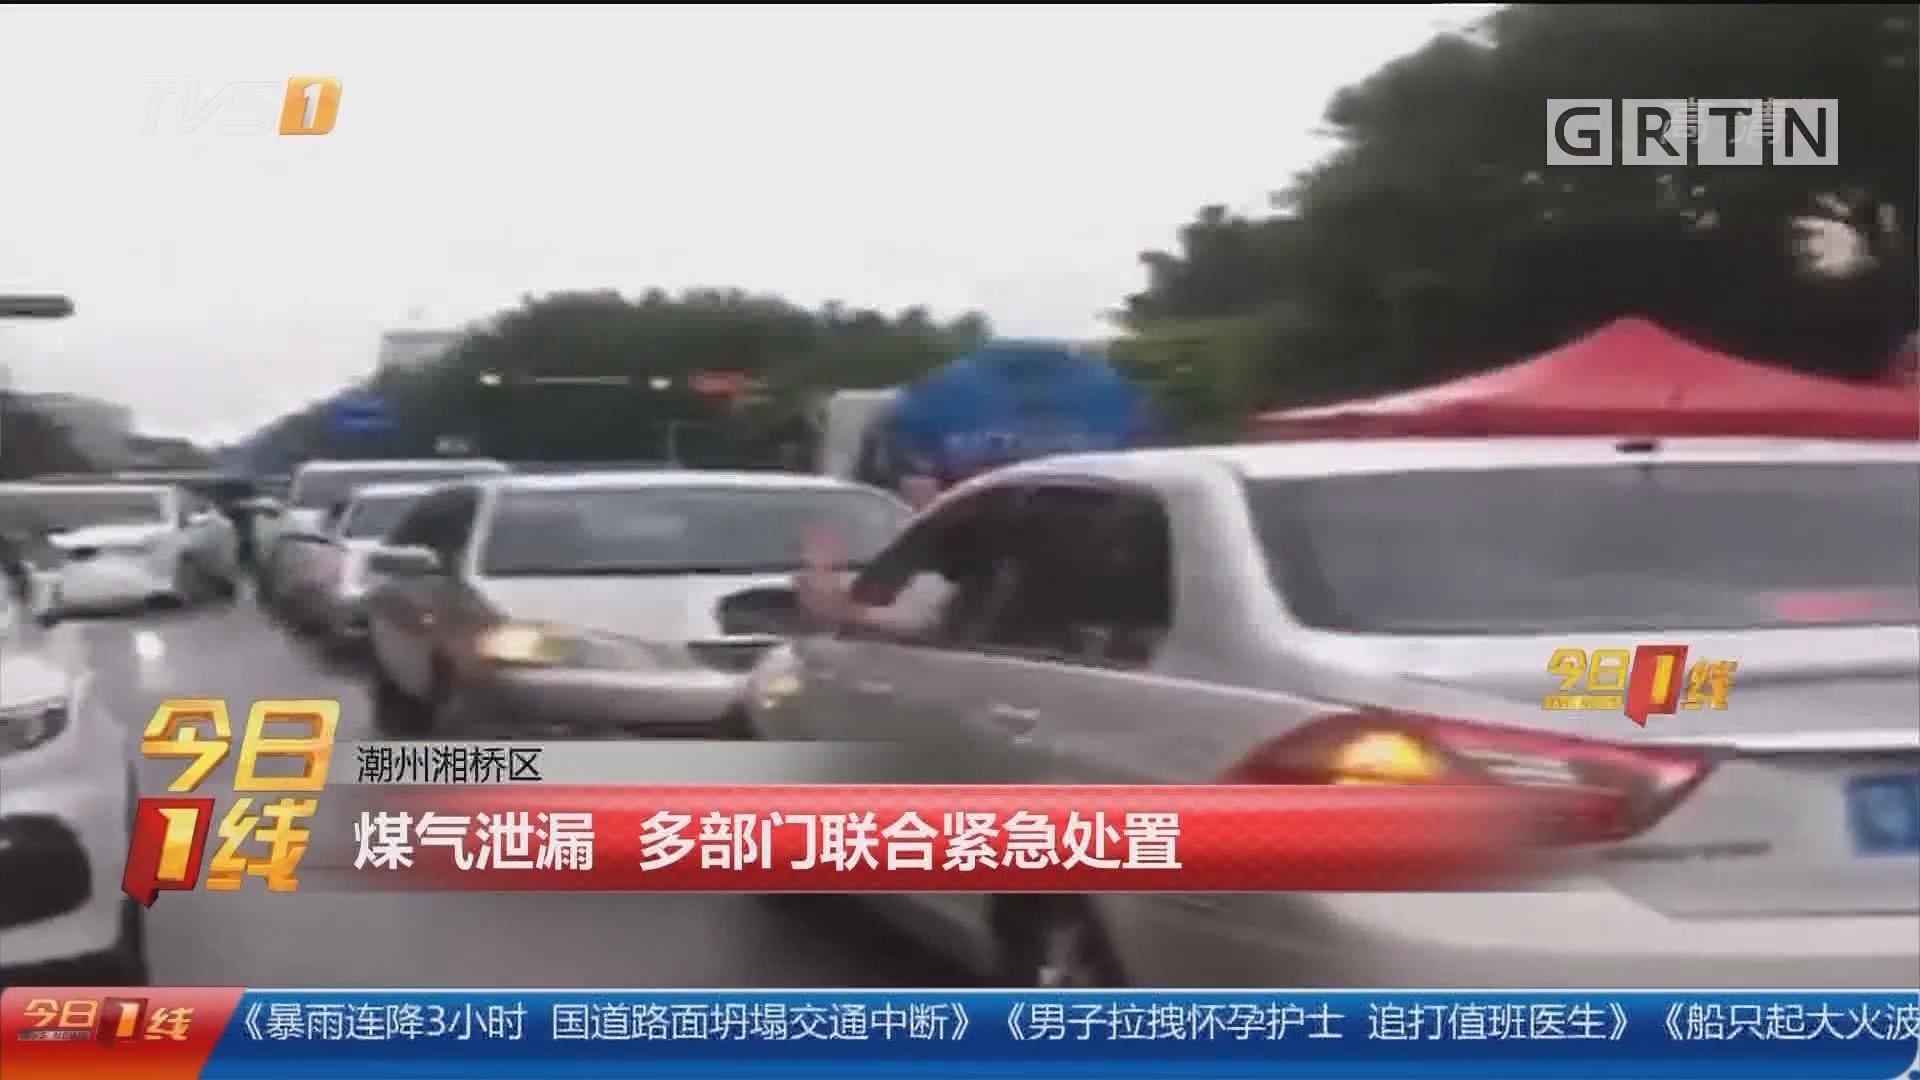 潮州湘桥区:煤气泄漏 多部门联合紧急处置